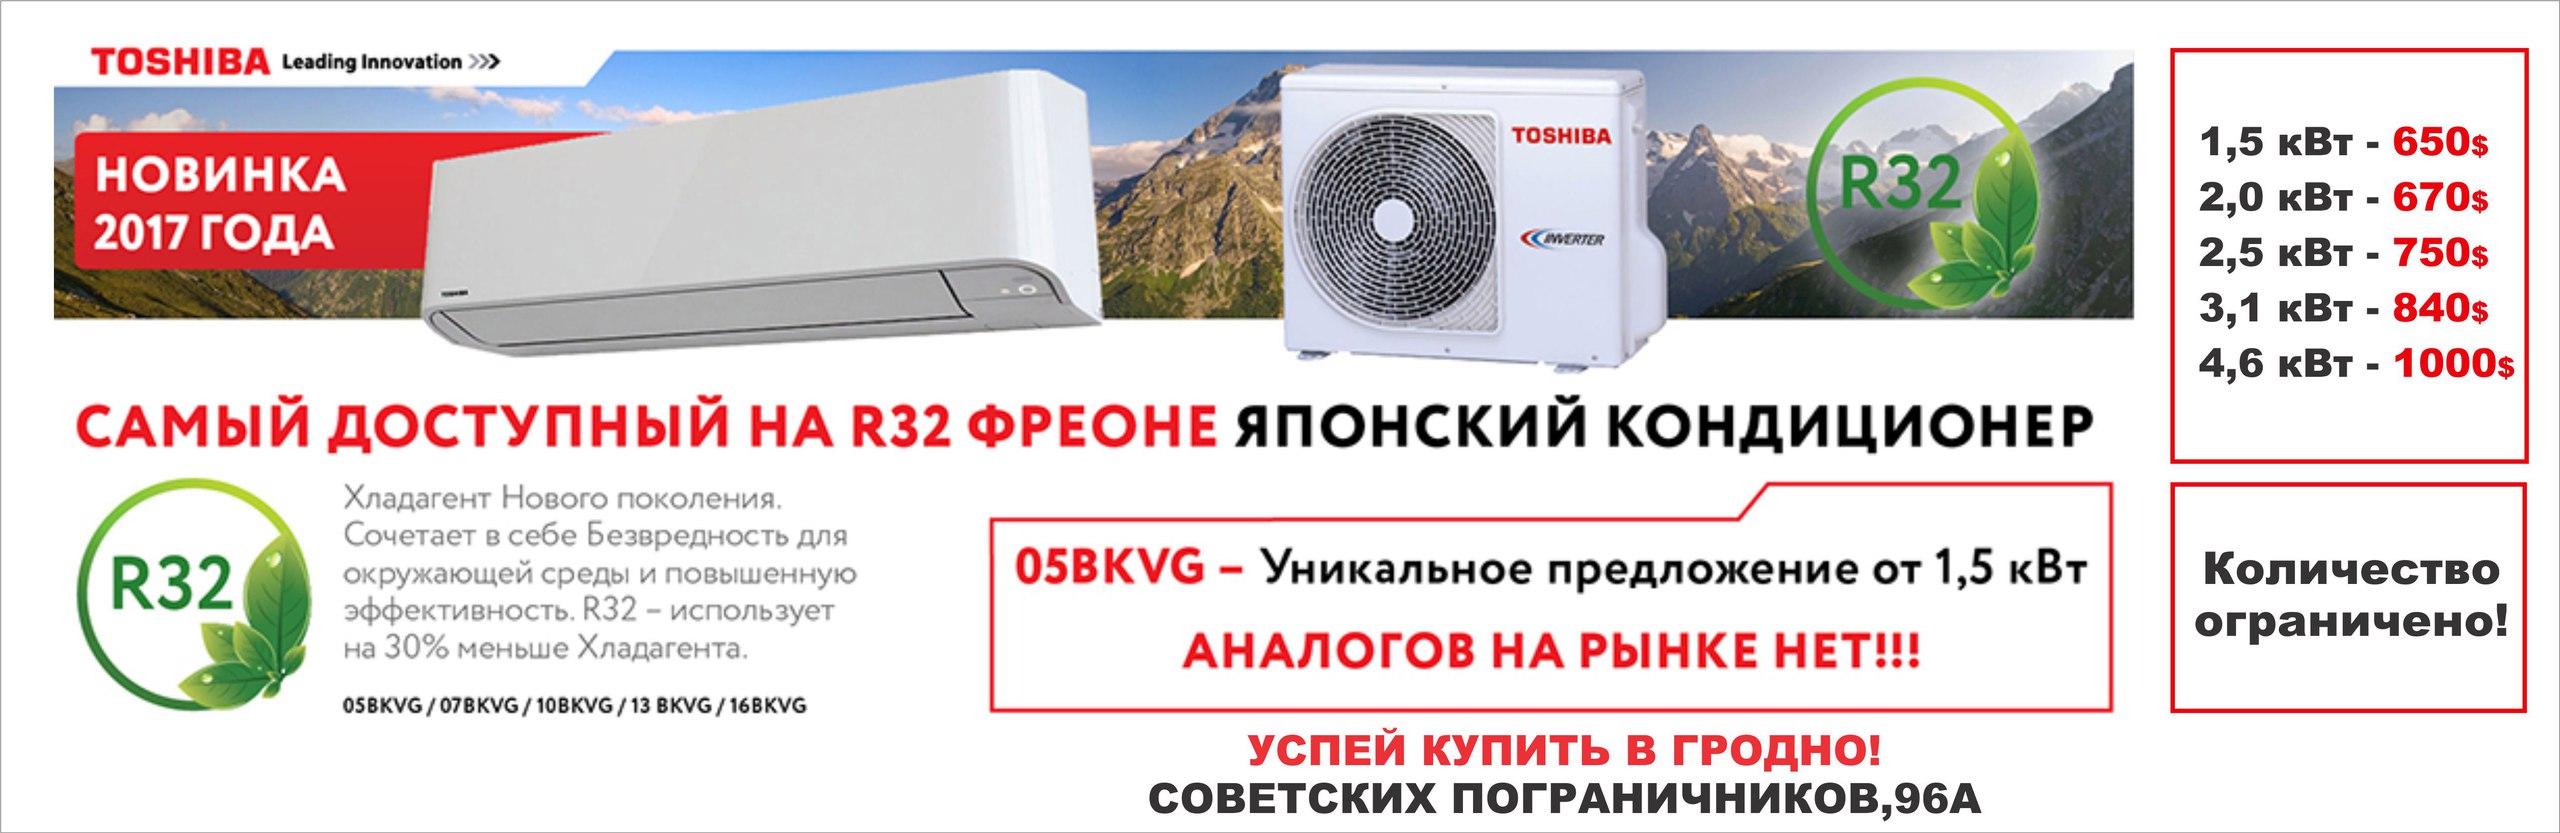 Инверторная настенная сплит-система Toshiba BKVG (хладагент R32)